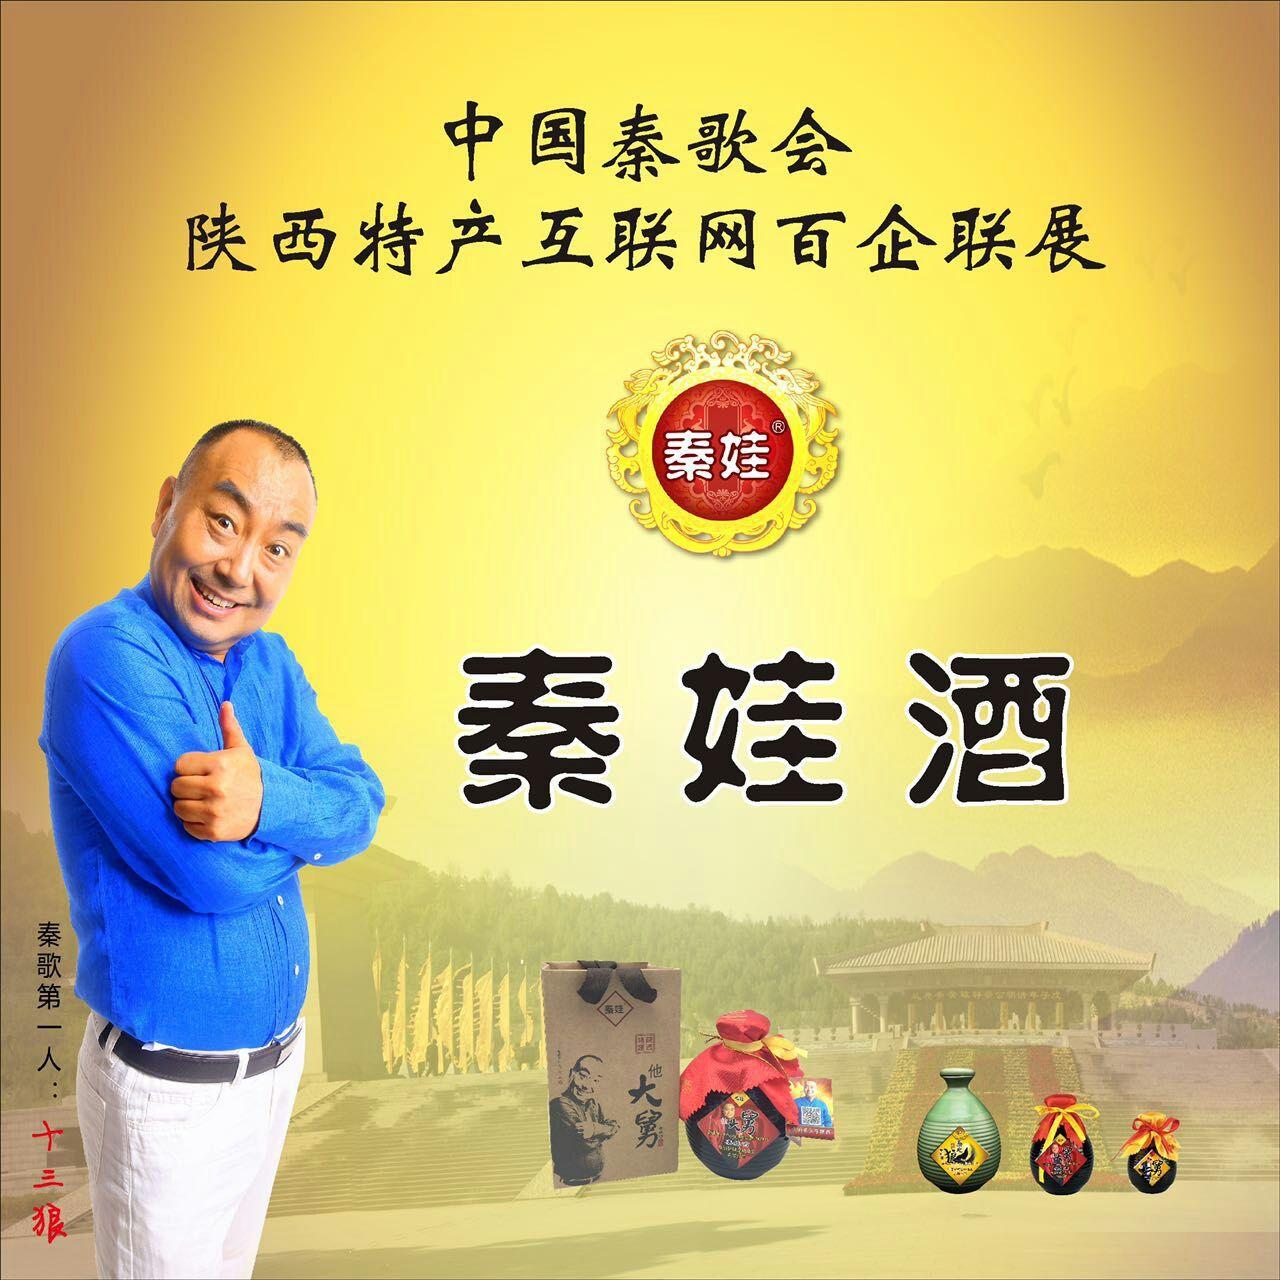 来自陈富荌发布的商务合作信息:... - 广东田茂轩商业有限公司